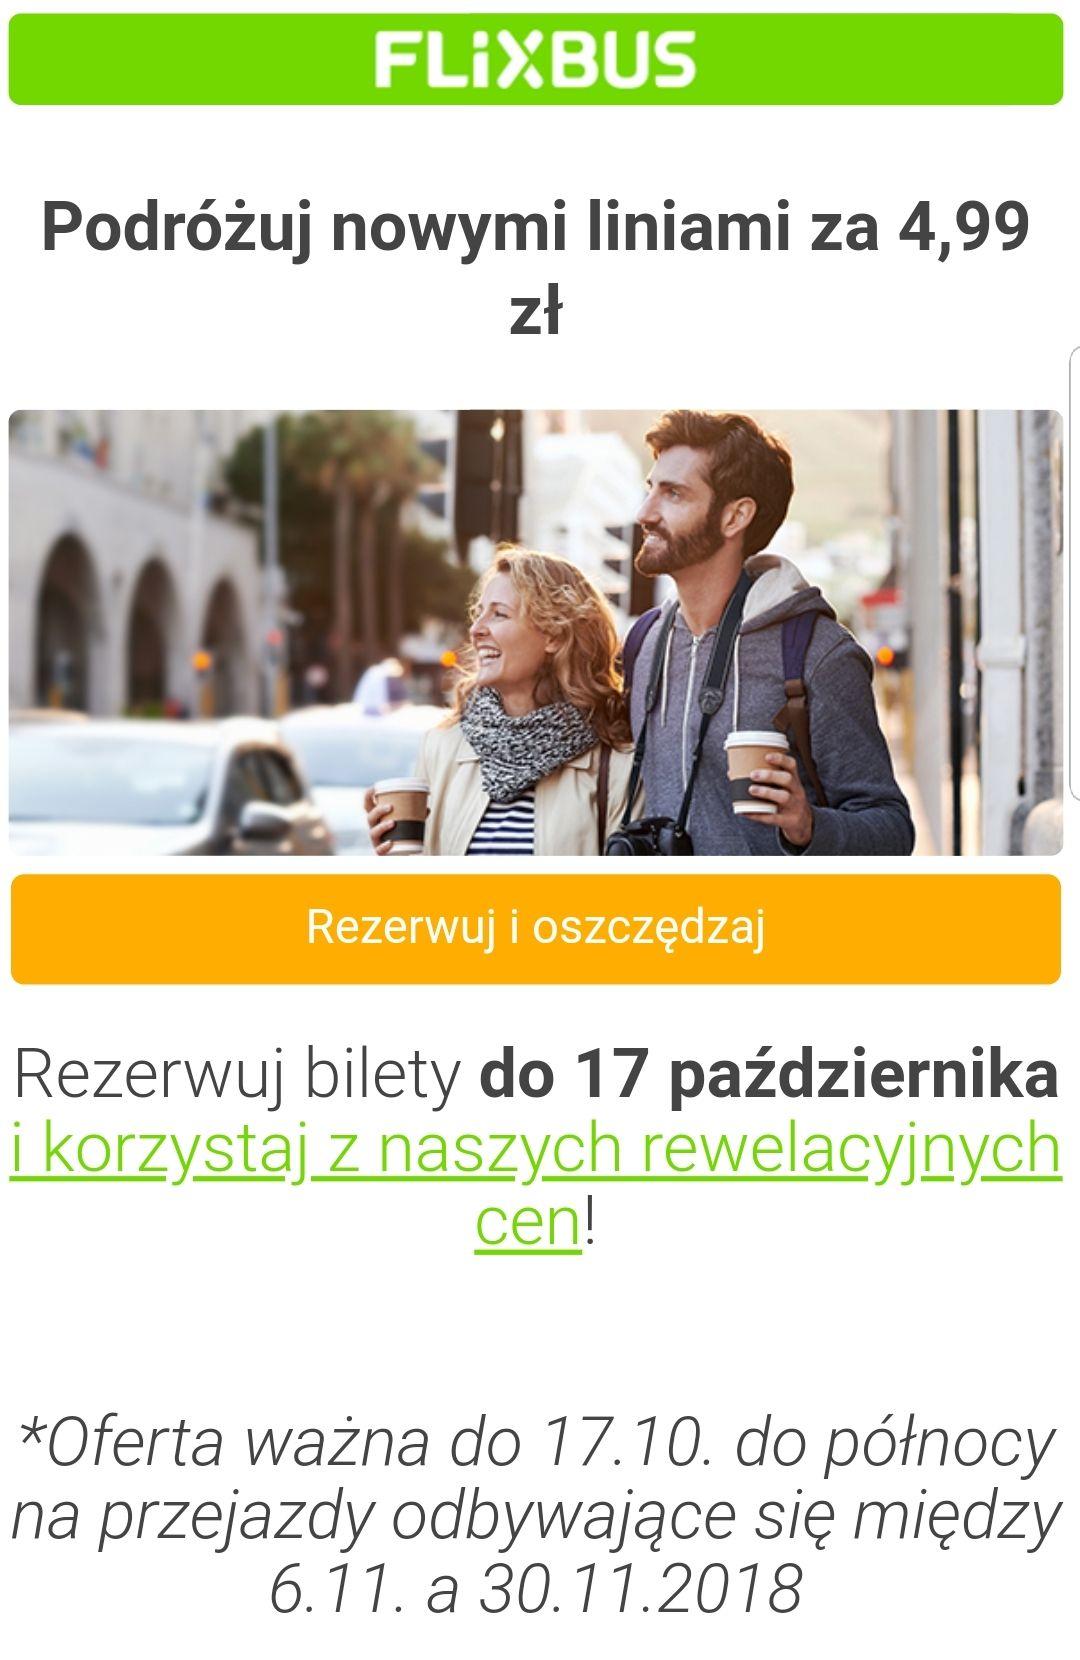 Flixbus 4,99 na nowych trasach m.in. z Warszawy, Legnicy